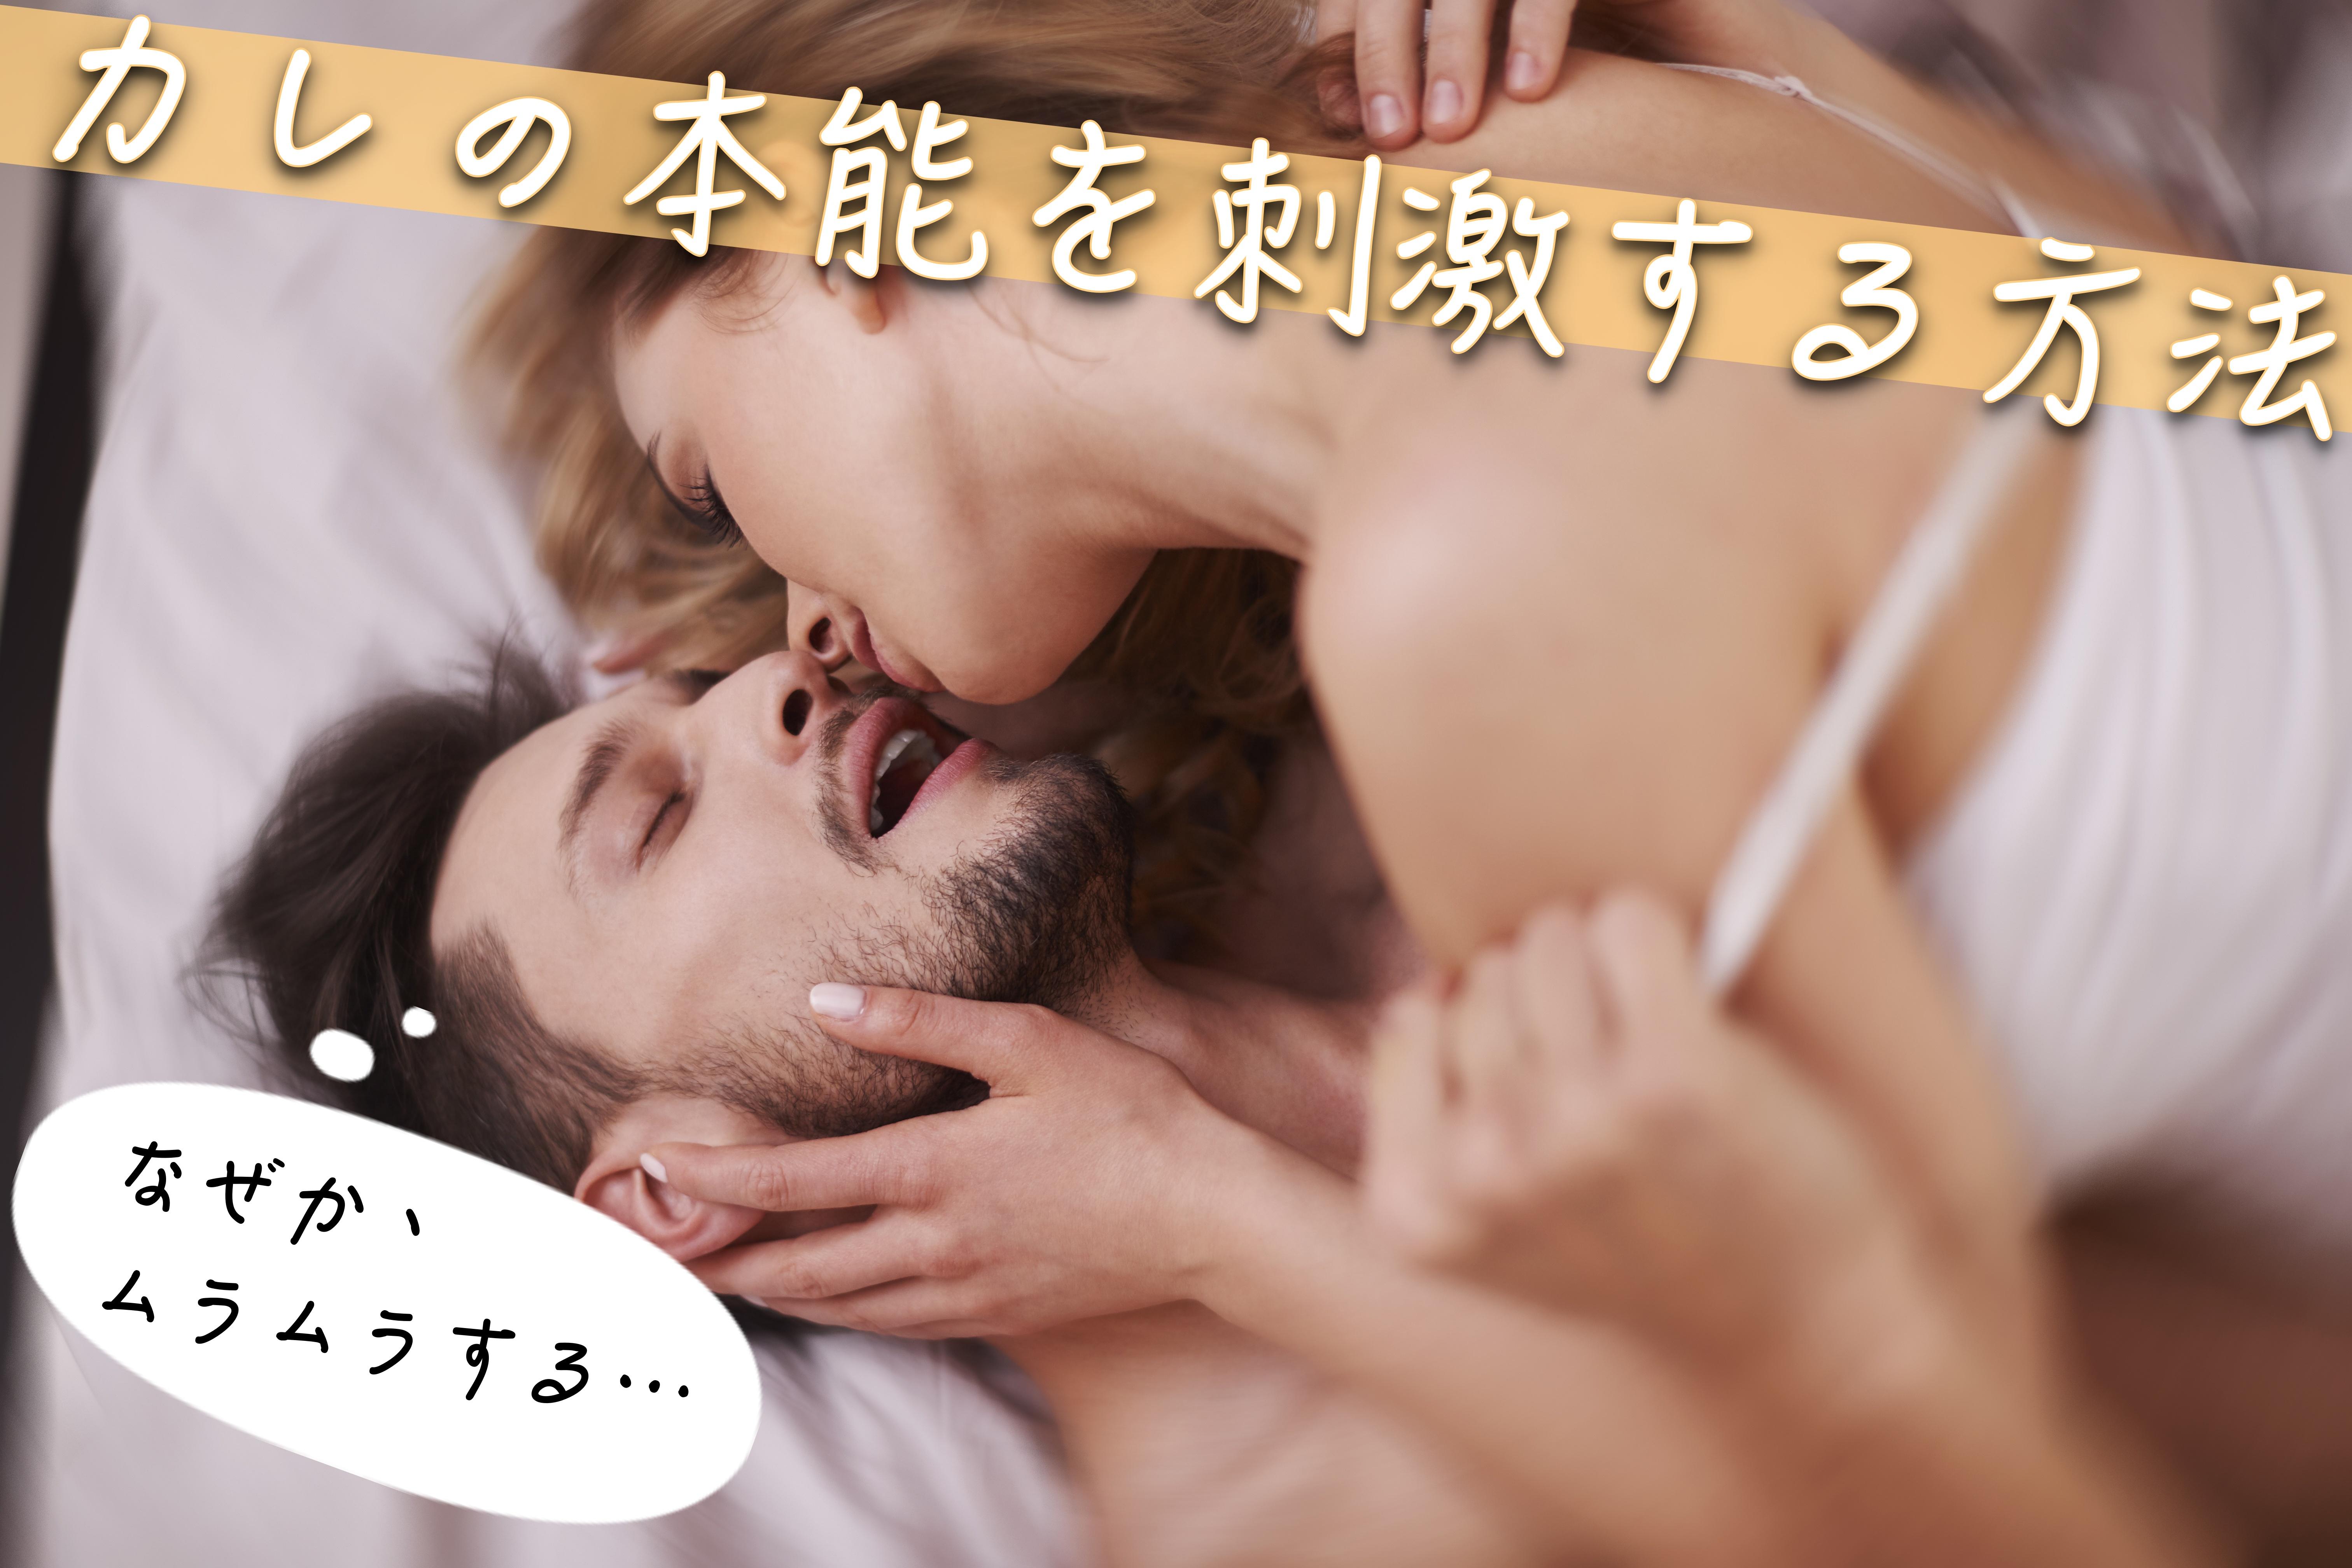 ベッドに寝そべる裸の女性の背中に男性がうっとりと目をつぶりながらキスしている画像